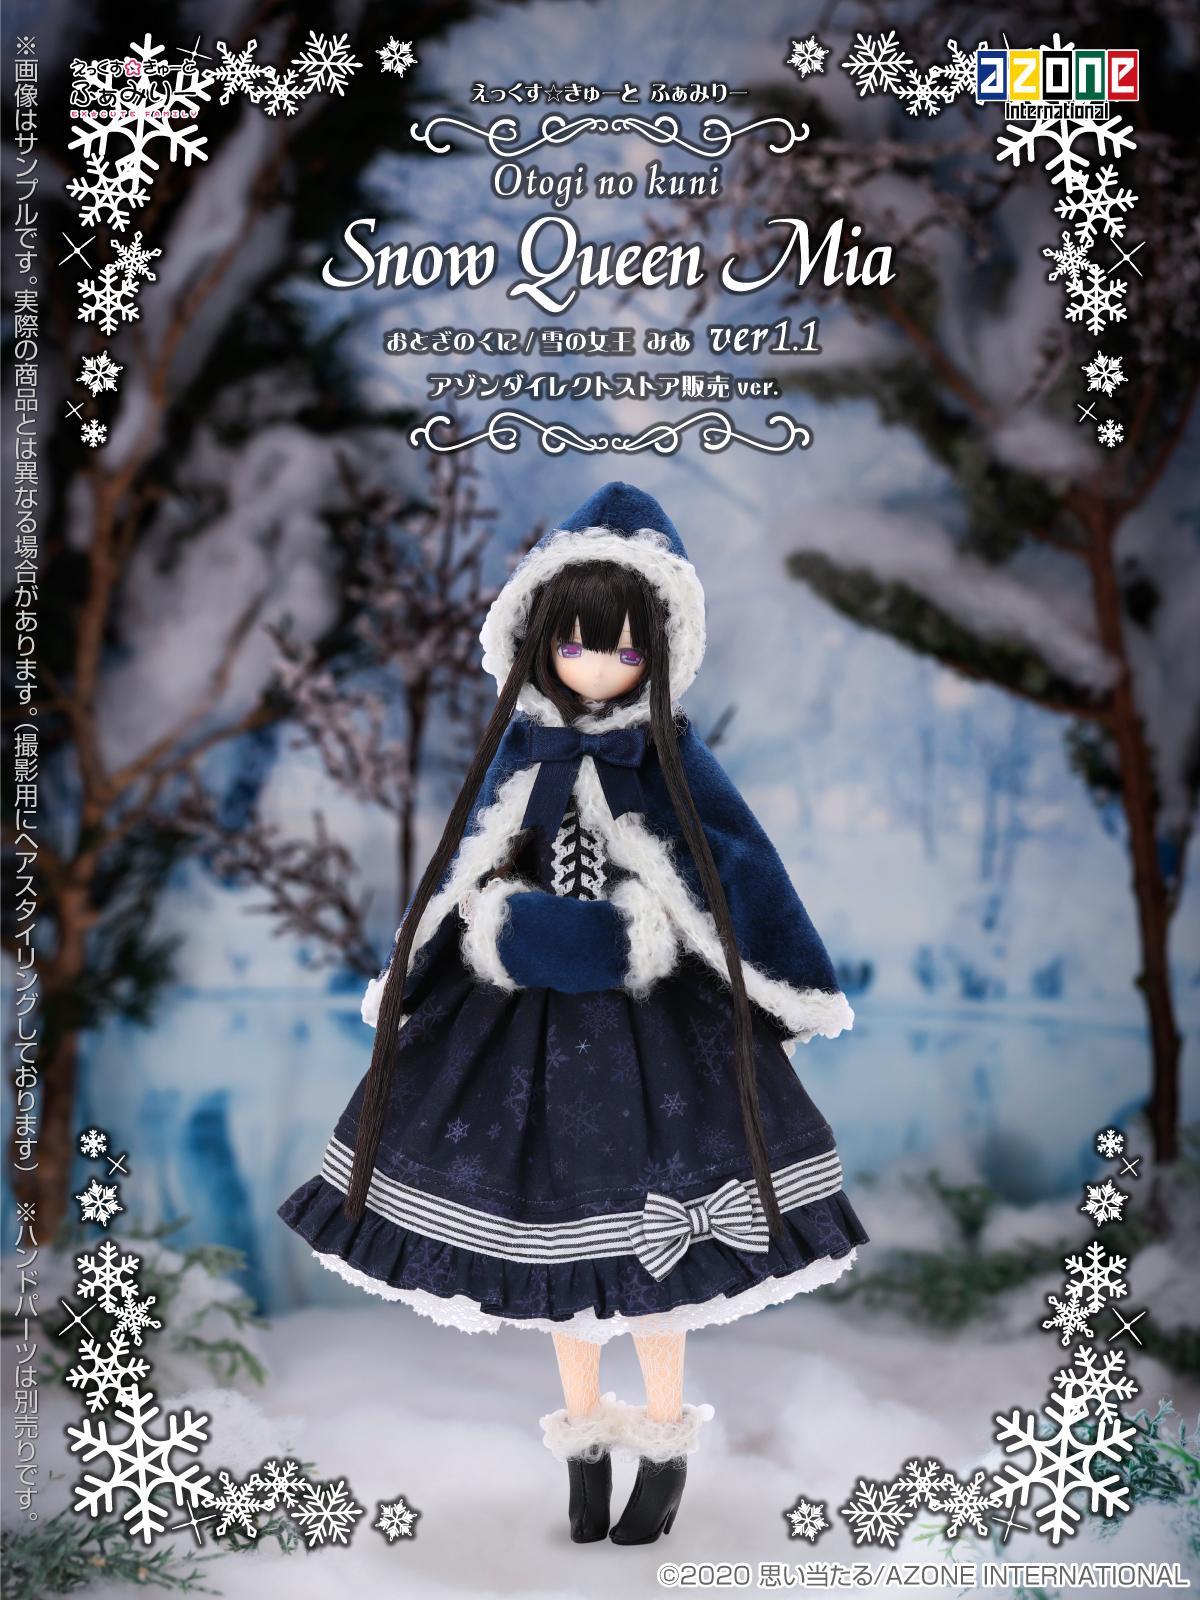 【限定販売】えっくす☆きゅーと ふぁみりー『Otogi no kuni/Snow Queen Mia(おとぎのくに 雪の女王 みあ)ver.1.1(アゾンダイレクトストア販売ver.)』1/6 完成品ドール-001